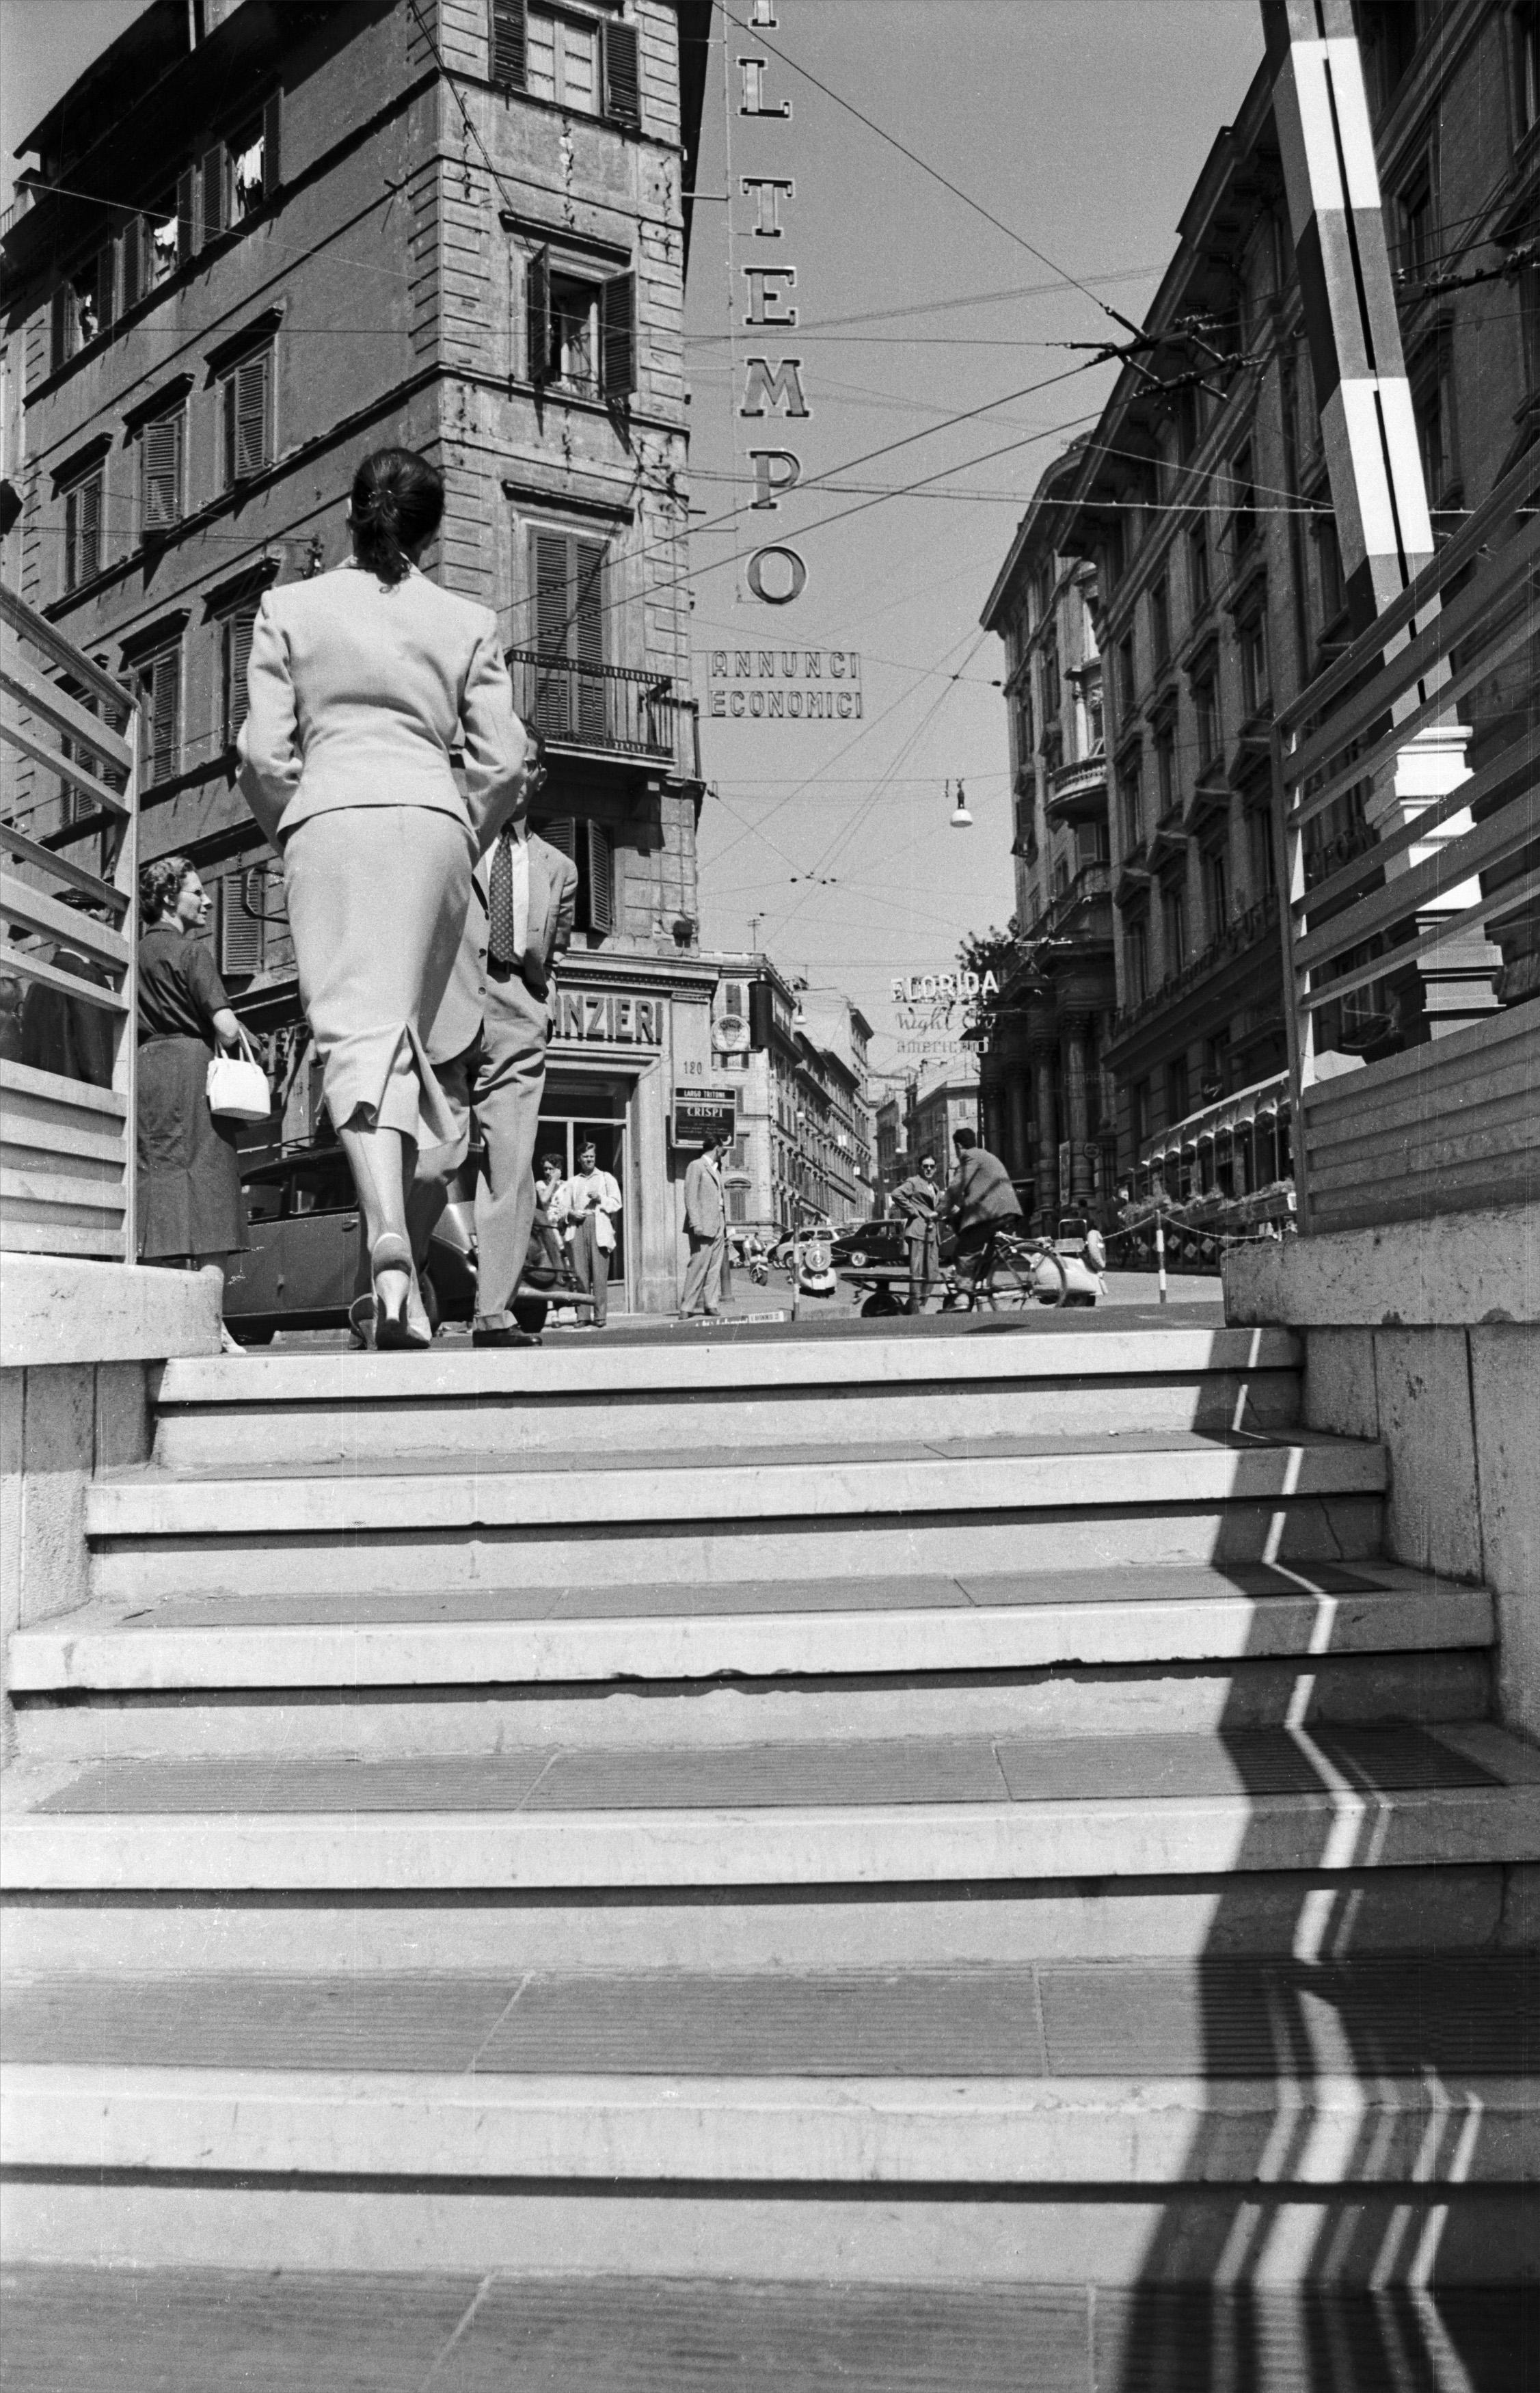 Rotondità, 1963 - Contemporary Black & White Photography